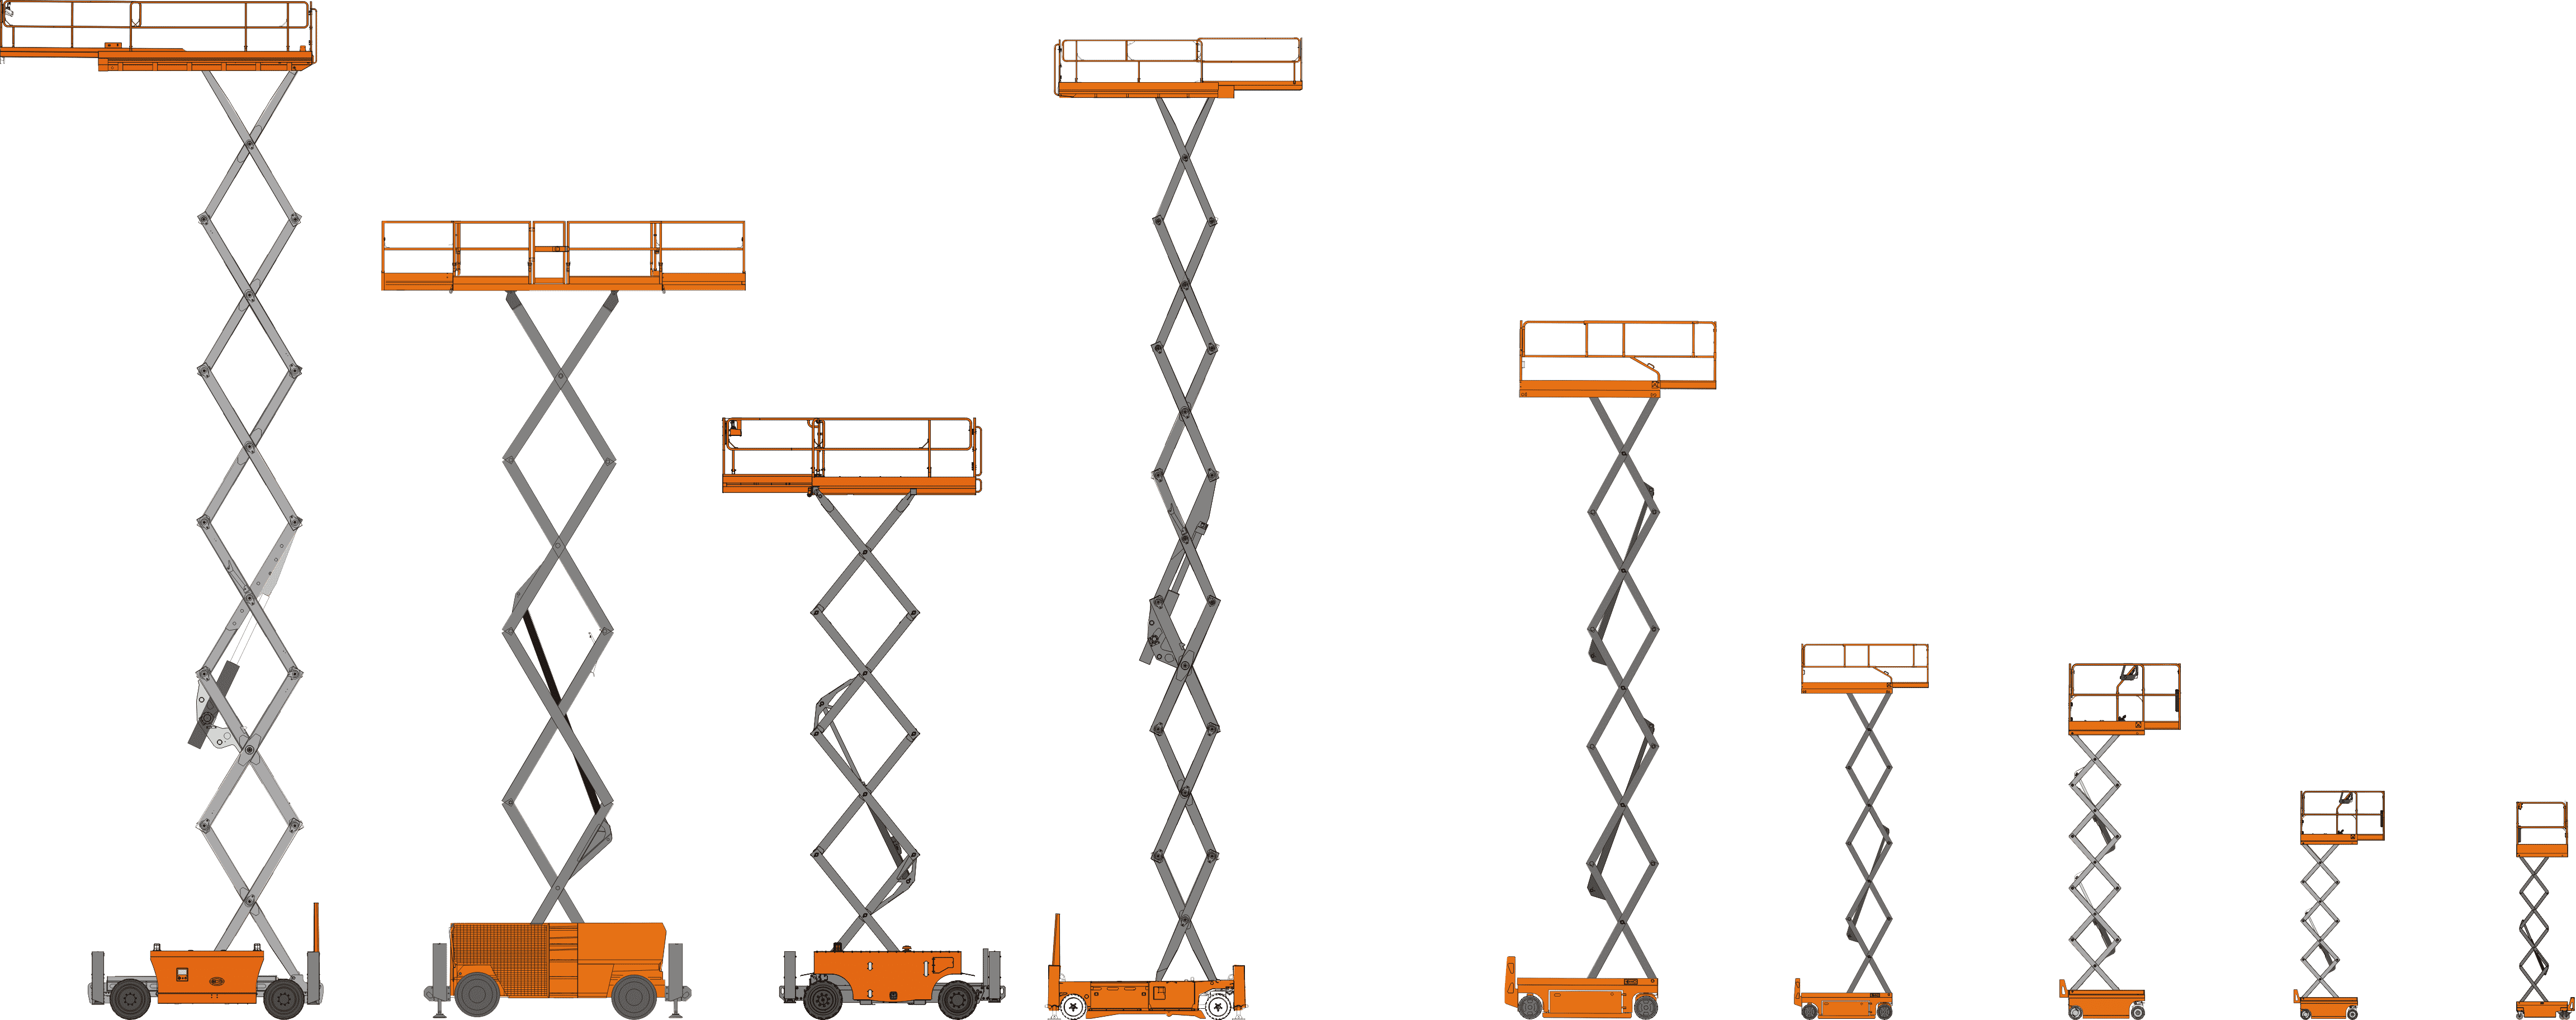 鼎力剪叉式高空作业平台液压油滤更换流程.png